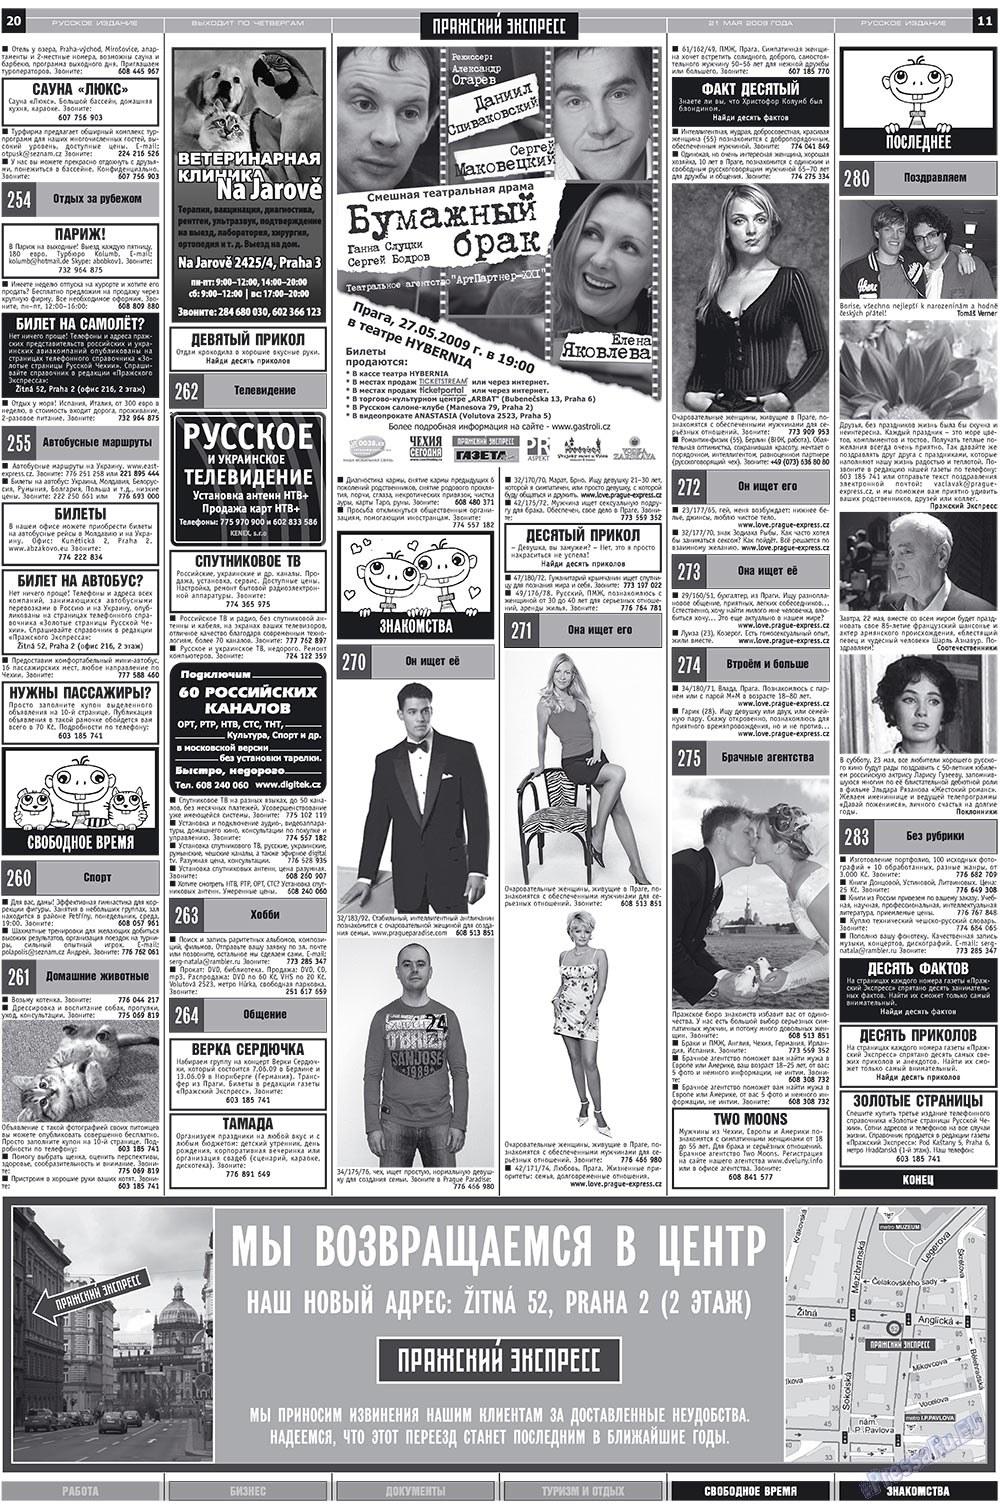 Пражский экспресс (газета). 2009 год, номер 20, стр. 11